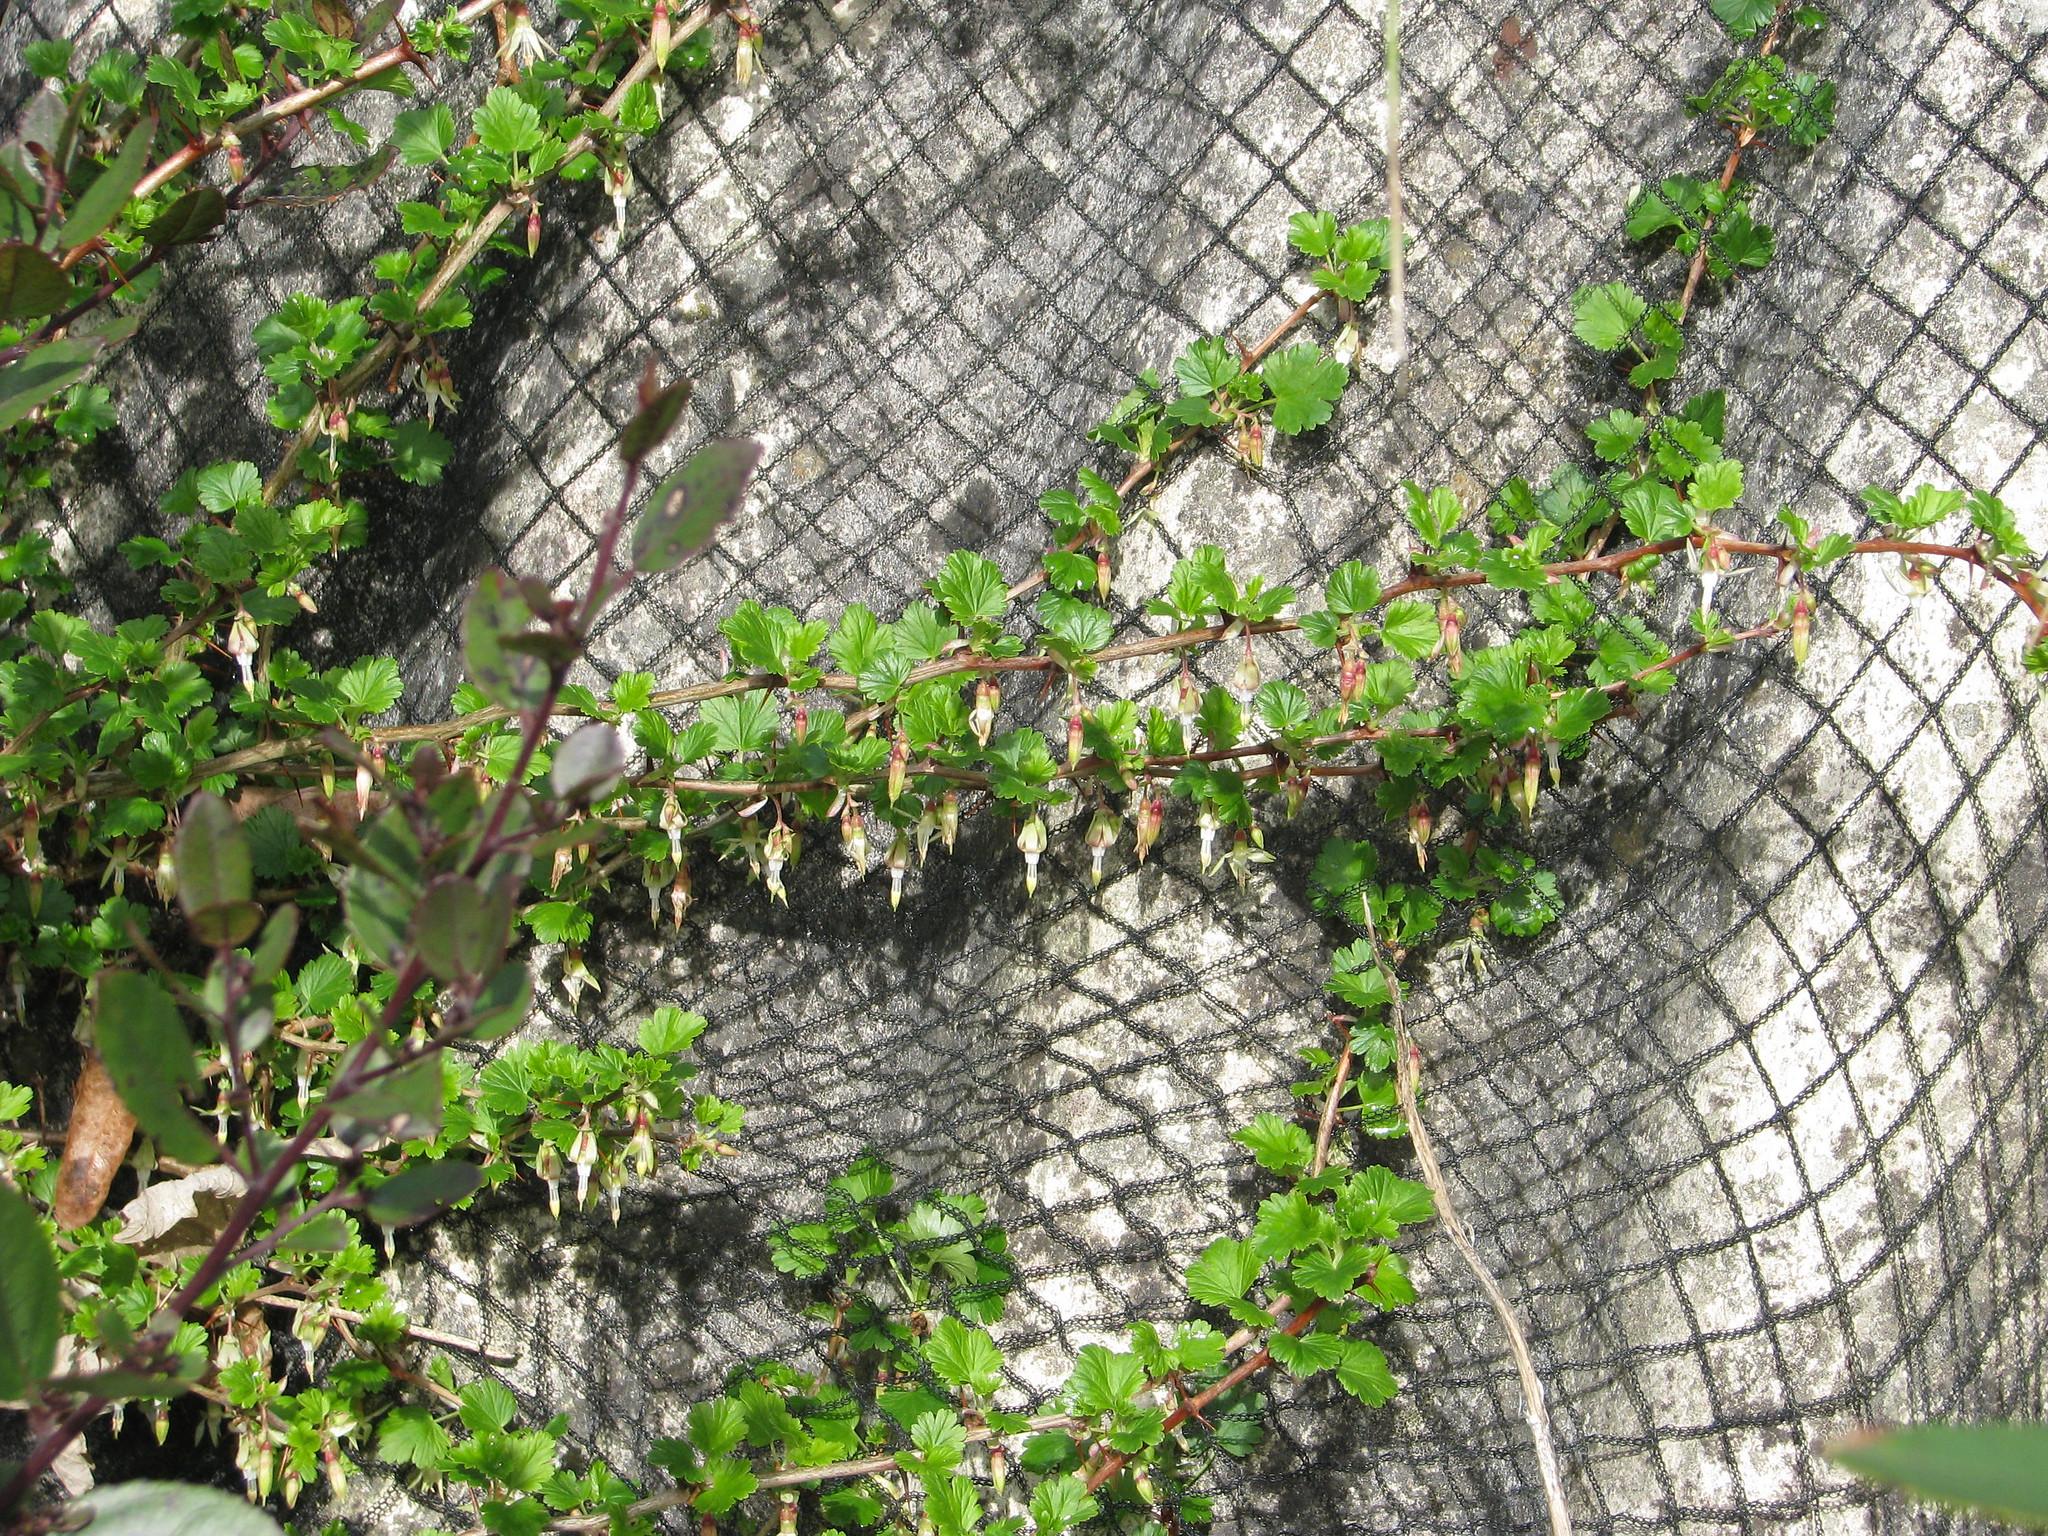 Ribes aff. californicum